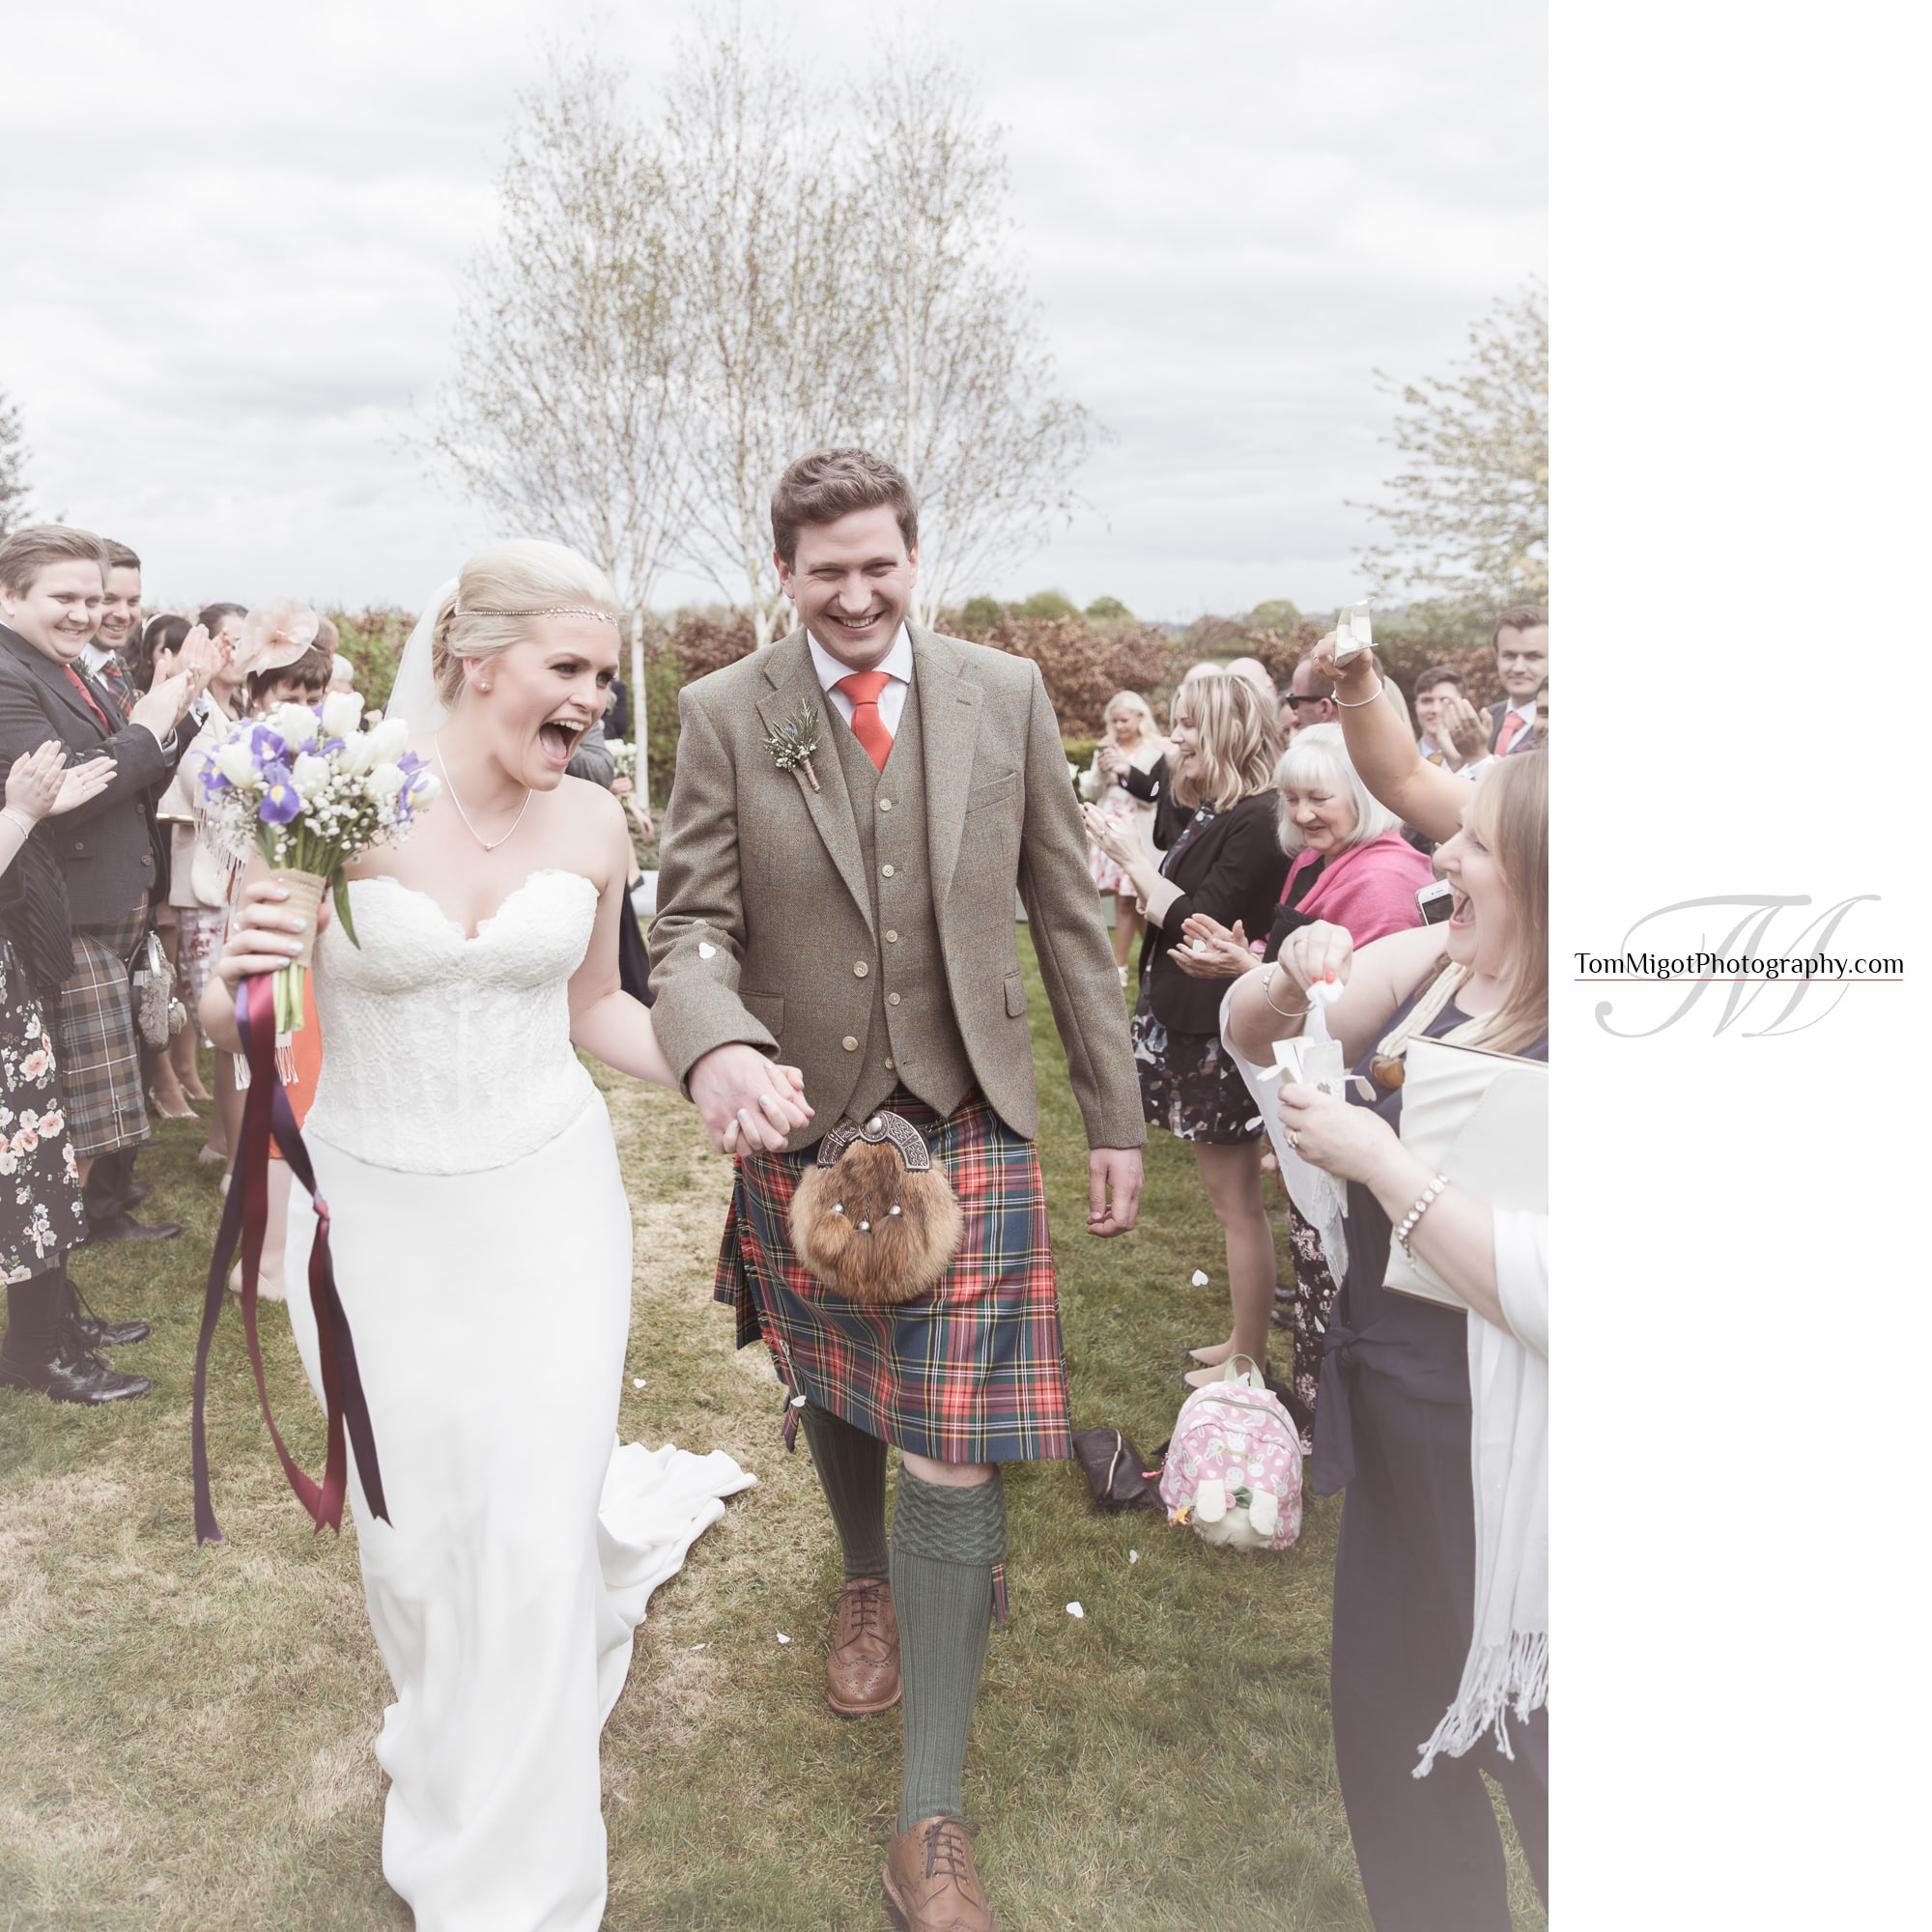 Les mariés quittent la cérémonie